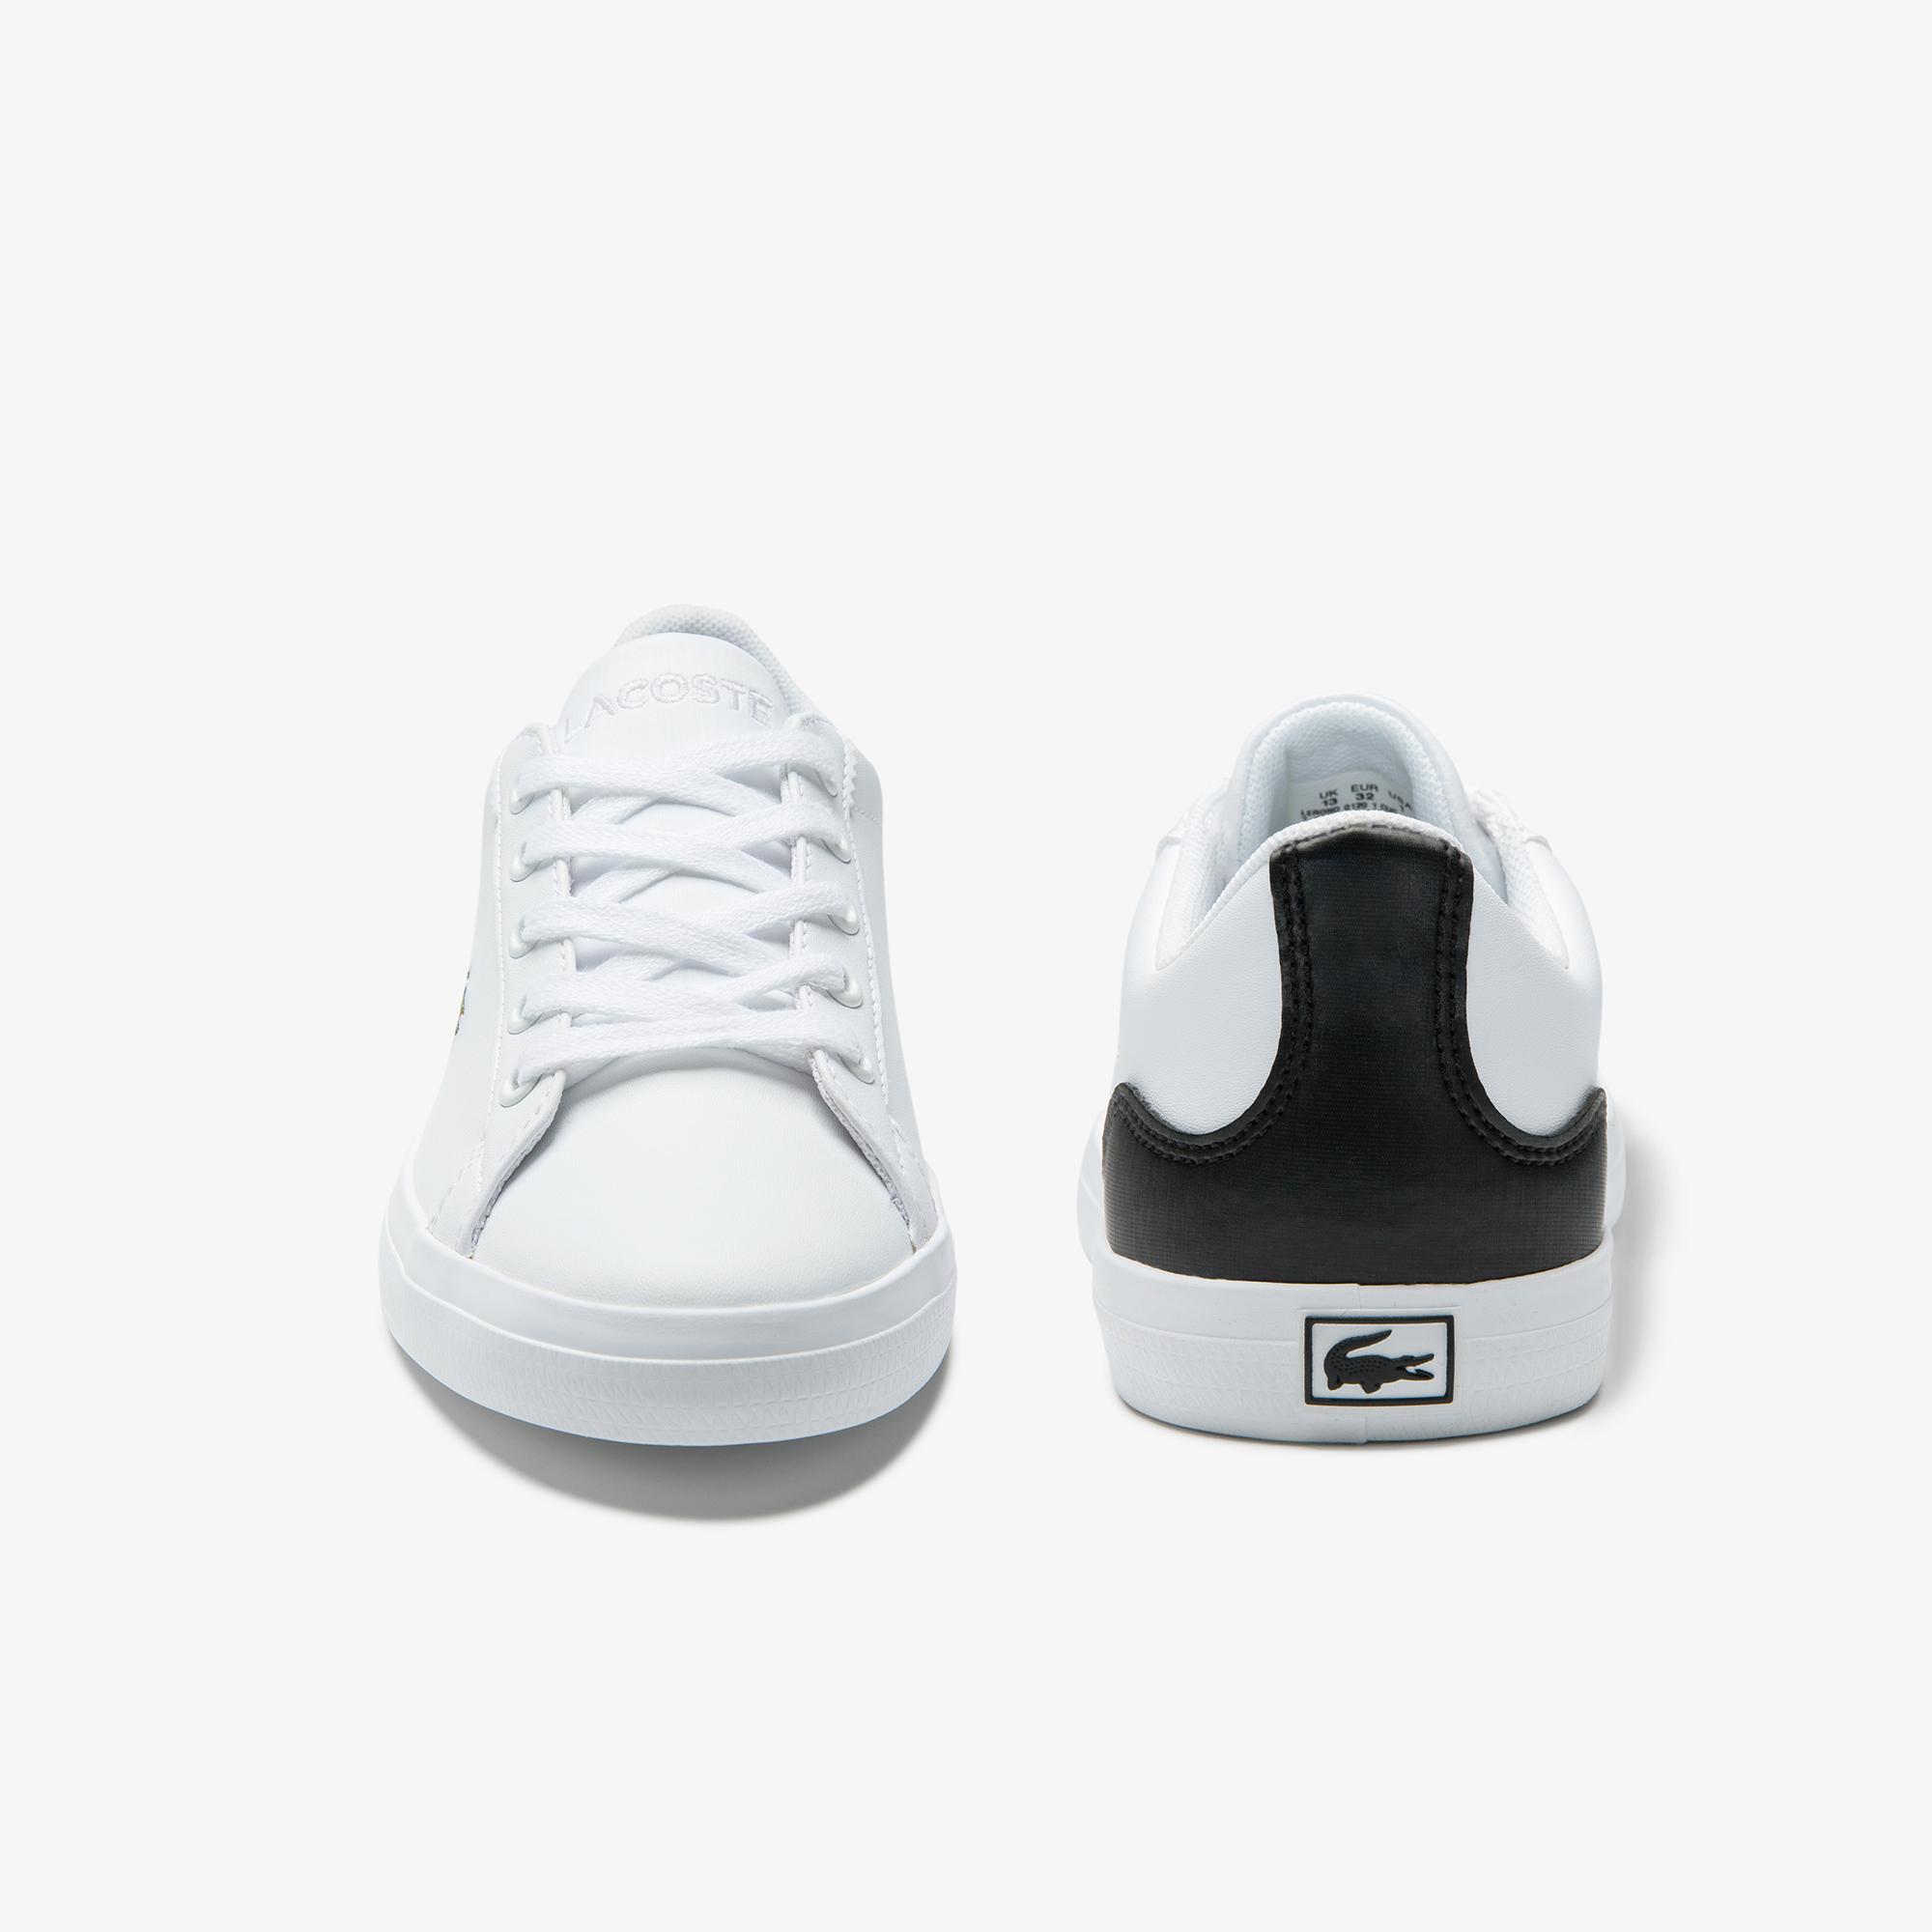 Lacoste Lerond 0120 1 Çocuk Beyaz - Siyah Casual Ayakkabı